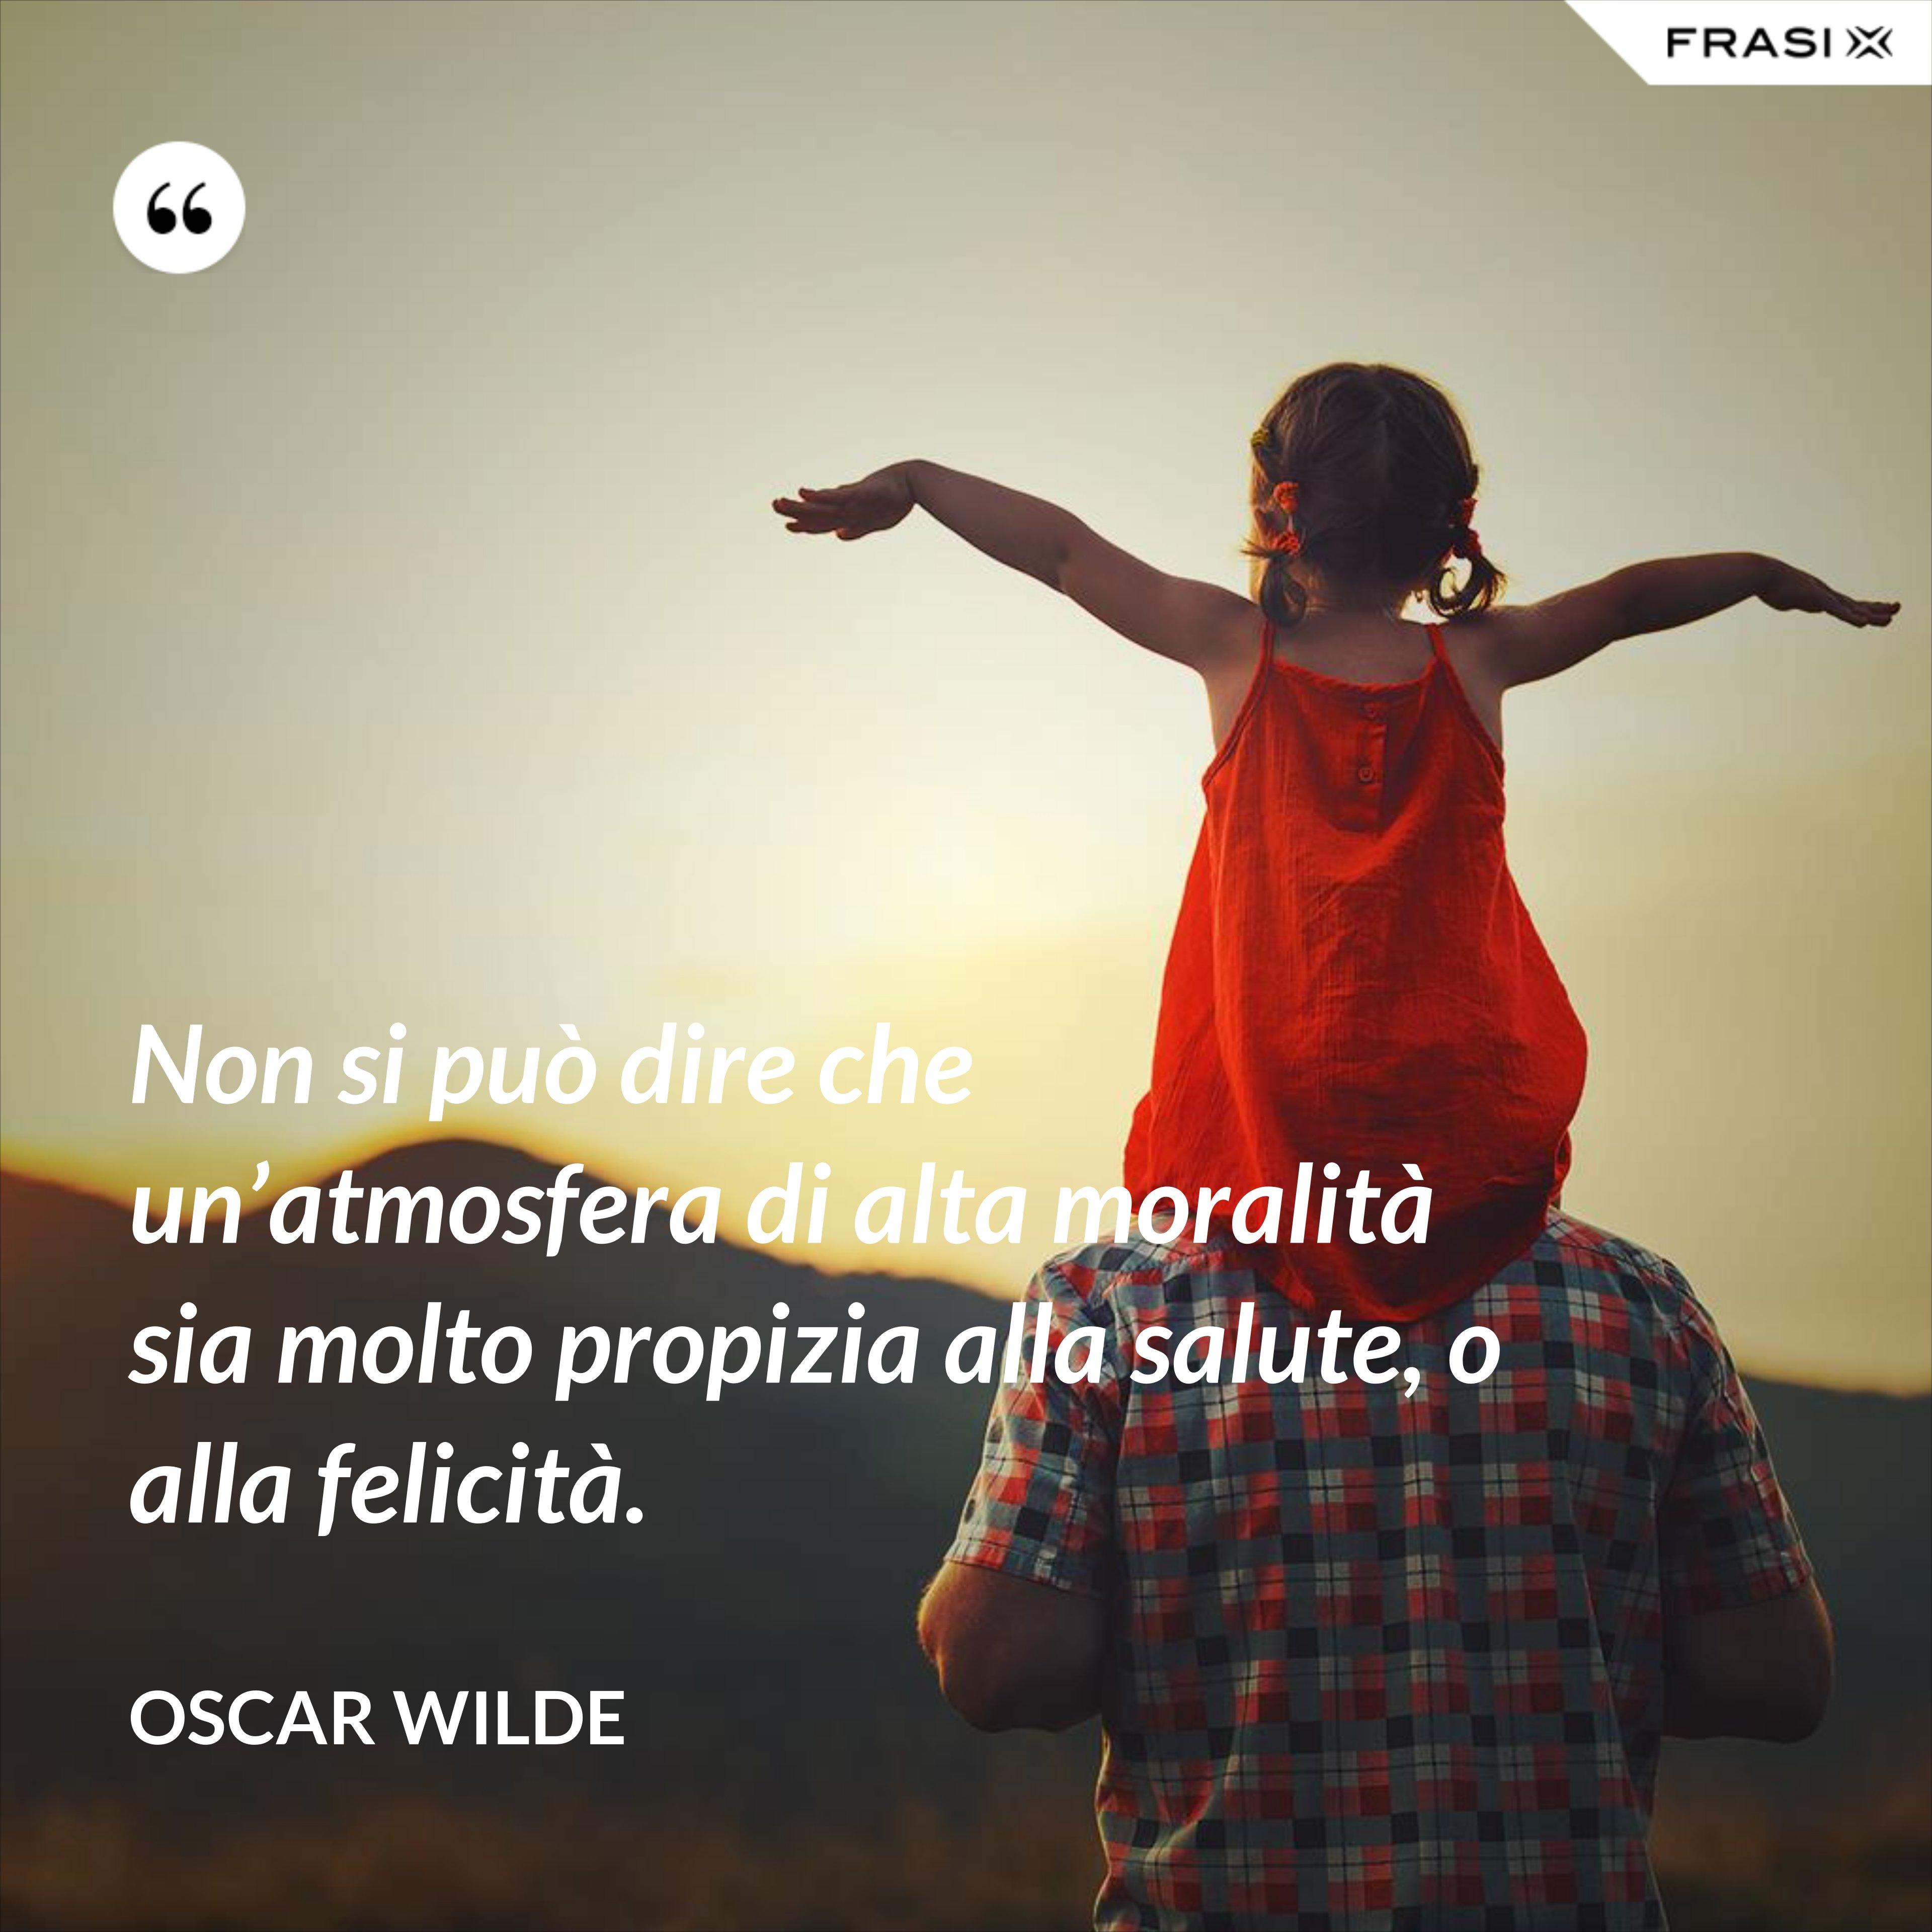 Non si può dire che un'atmosfera di alta moralità sia molto propizia alla salute, o alla felicità. - Oscar Wilde